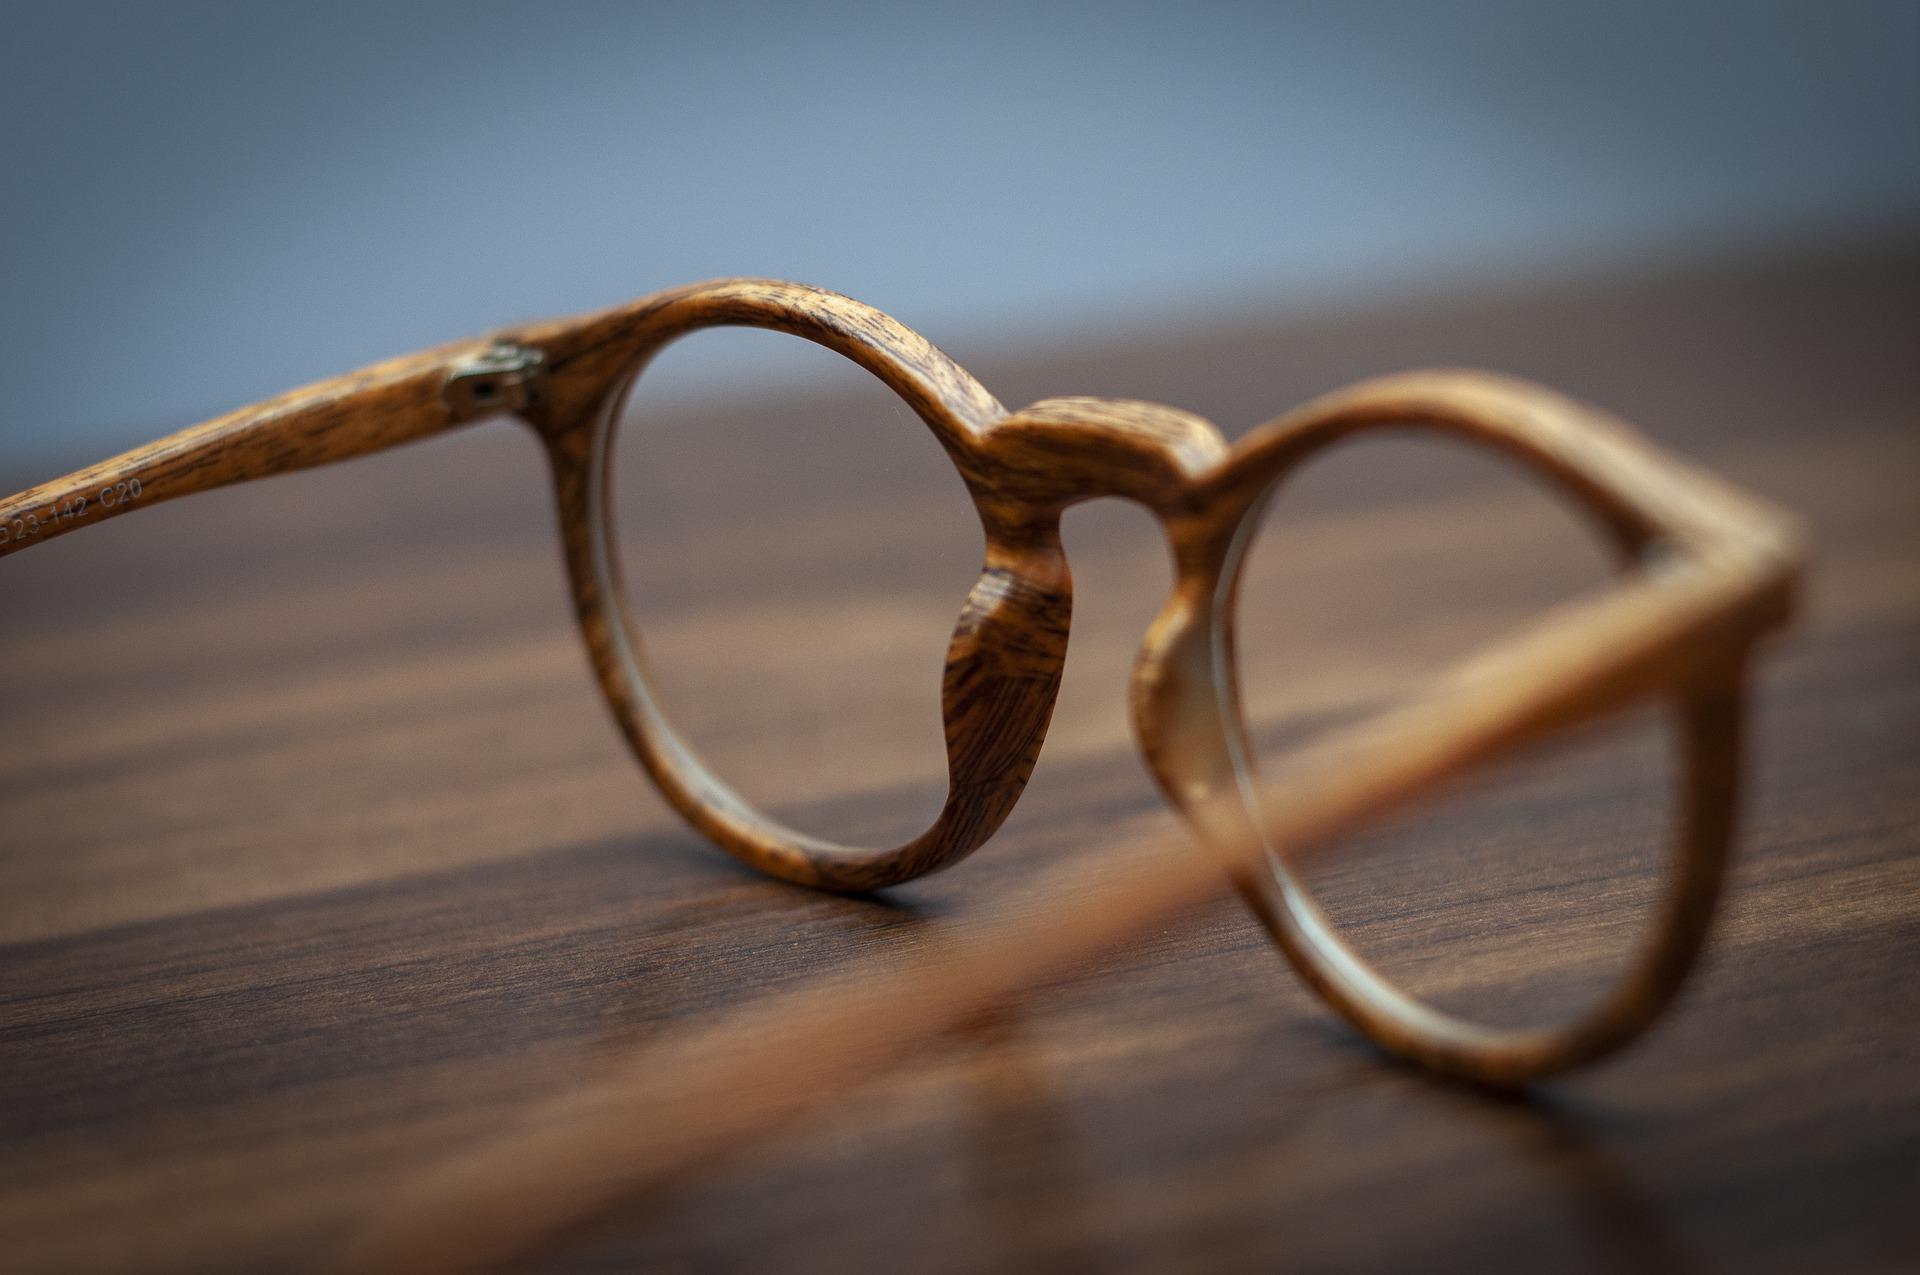 dřevěné brýle na stole